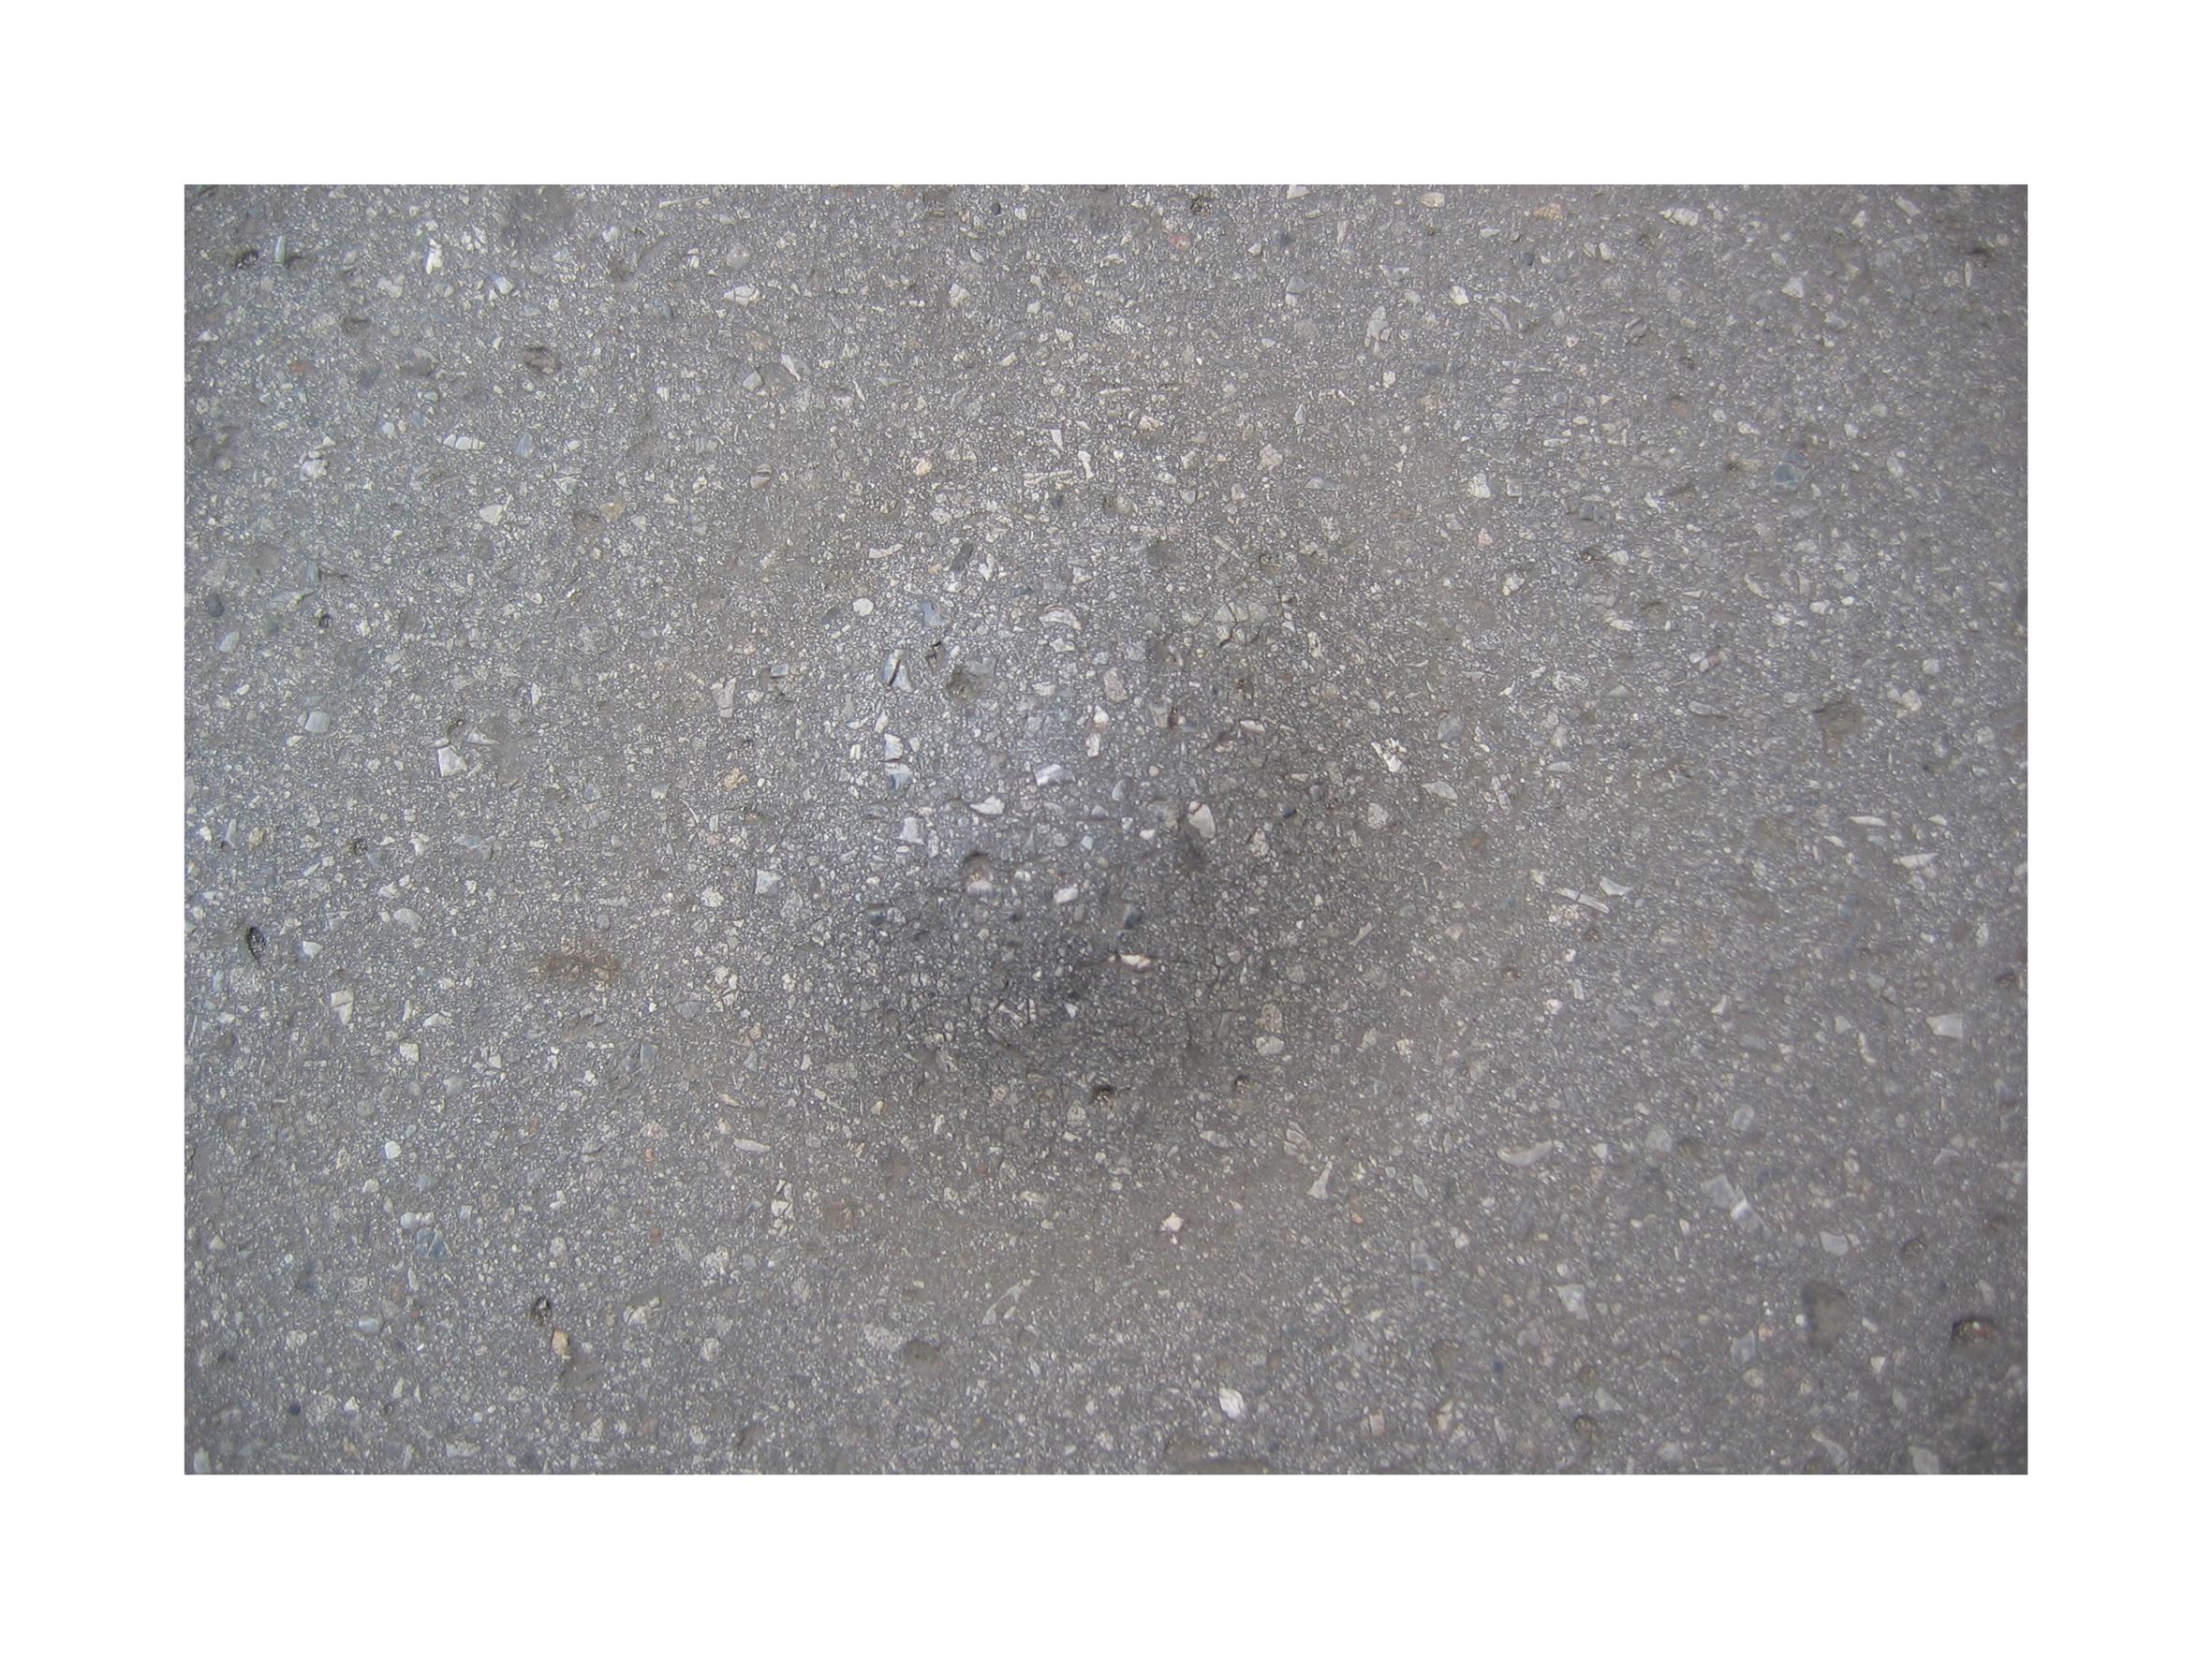 bajo el asfalto 15